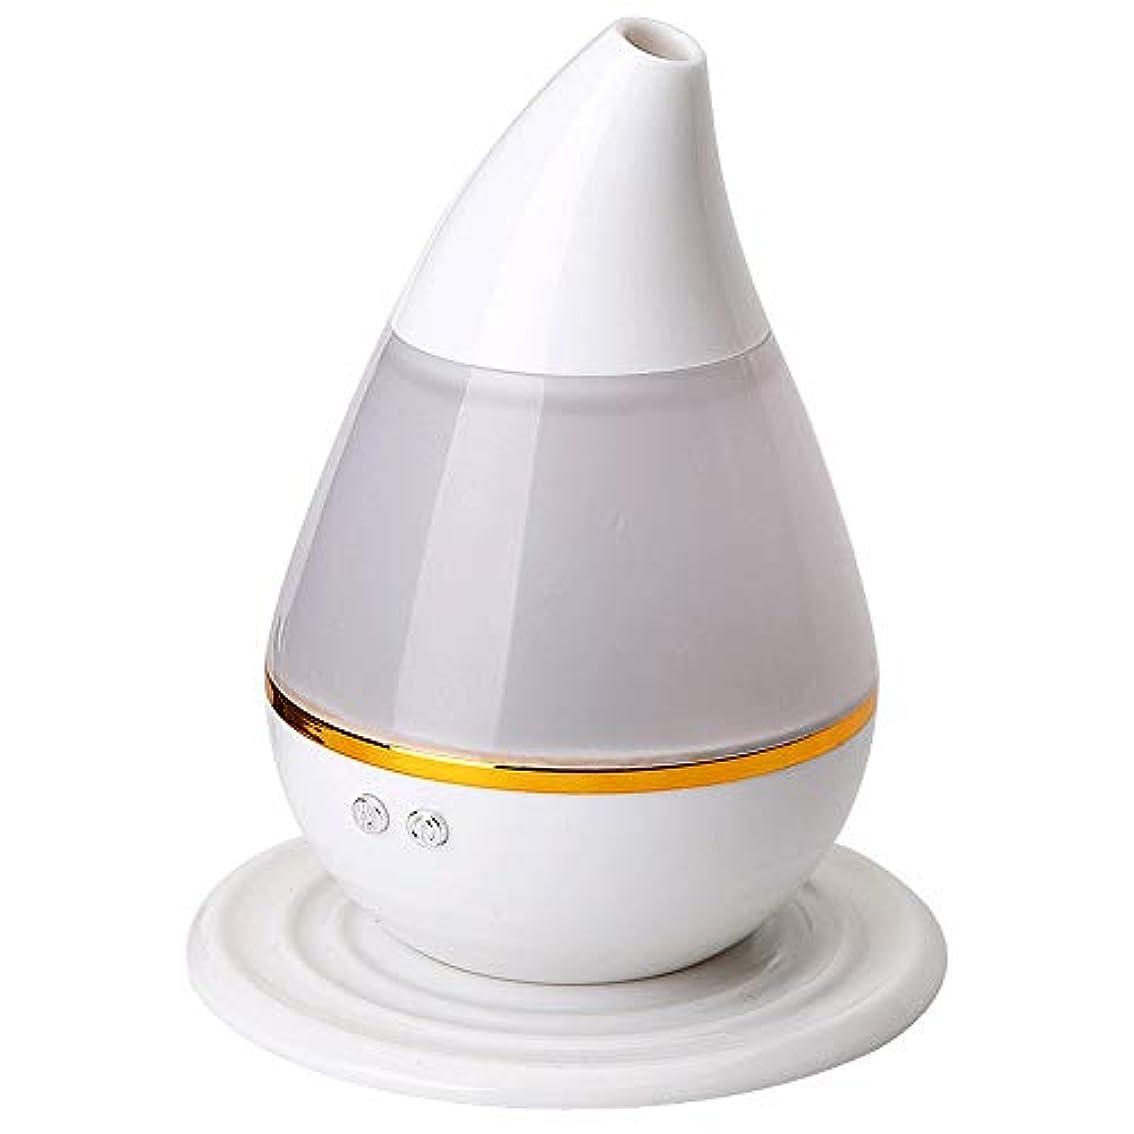 インタビューでホラーエッセンシャルオイルディフューザー250ML水滴形状は、ミストアロマディフューザーウィスパー静かな加湿器ホームオフィスをクール (Color : White, Size : 12×15)